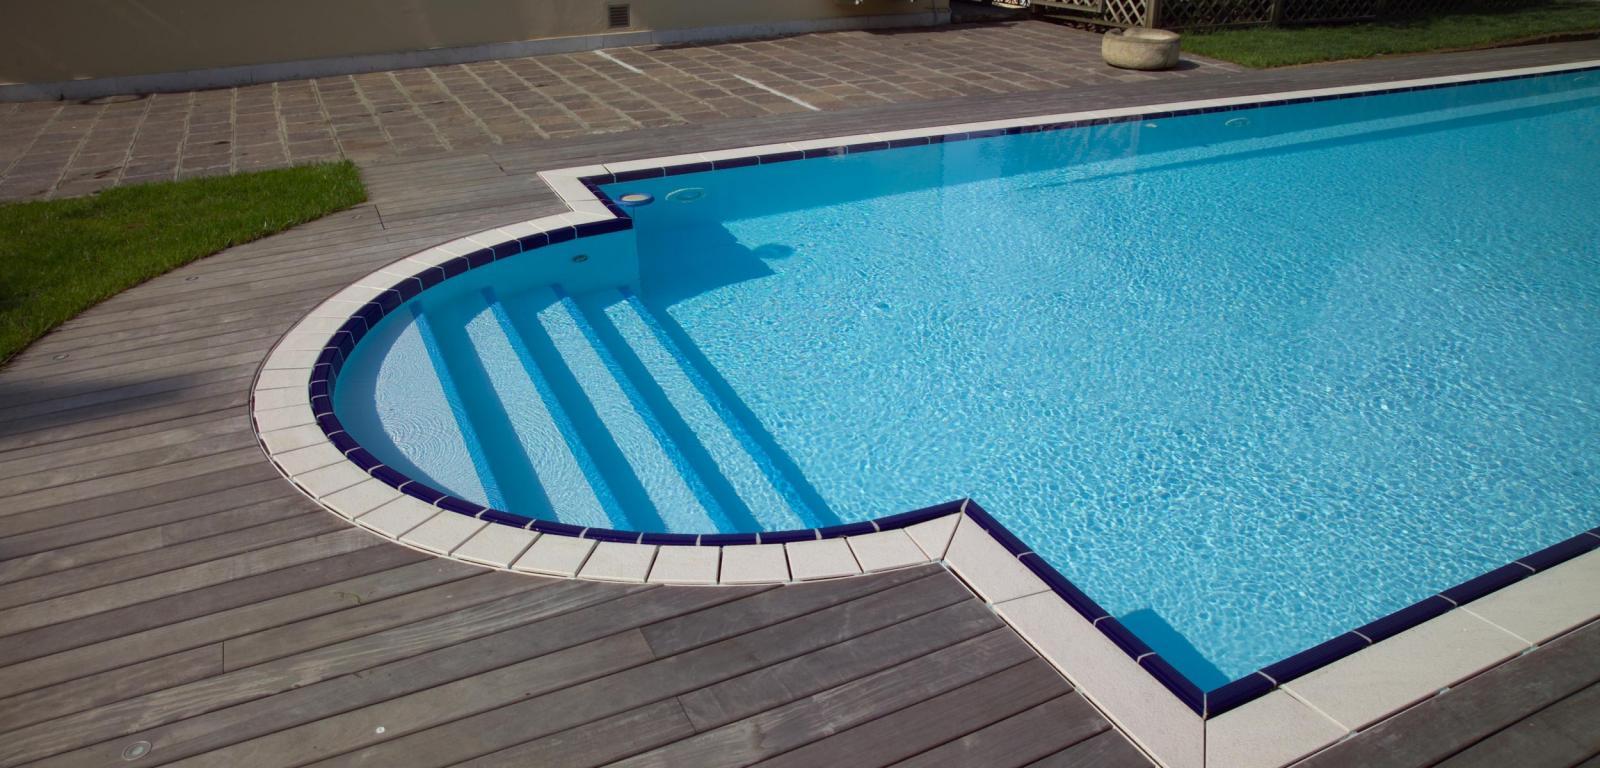 Finitura per piscina con griglia in pietra piscine for Castiglione piscine